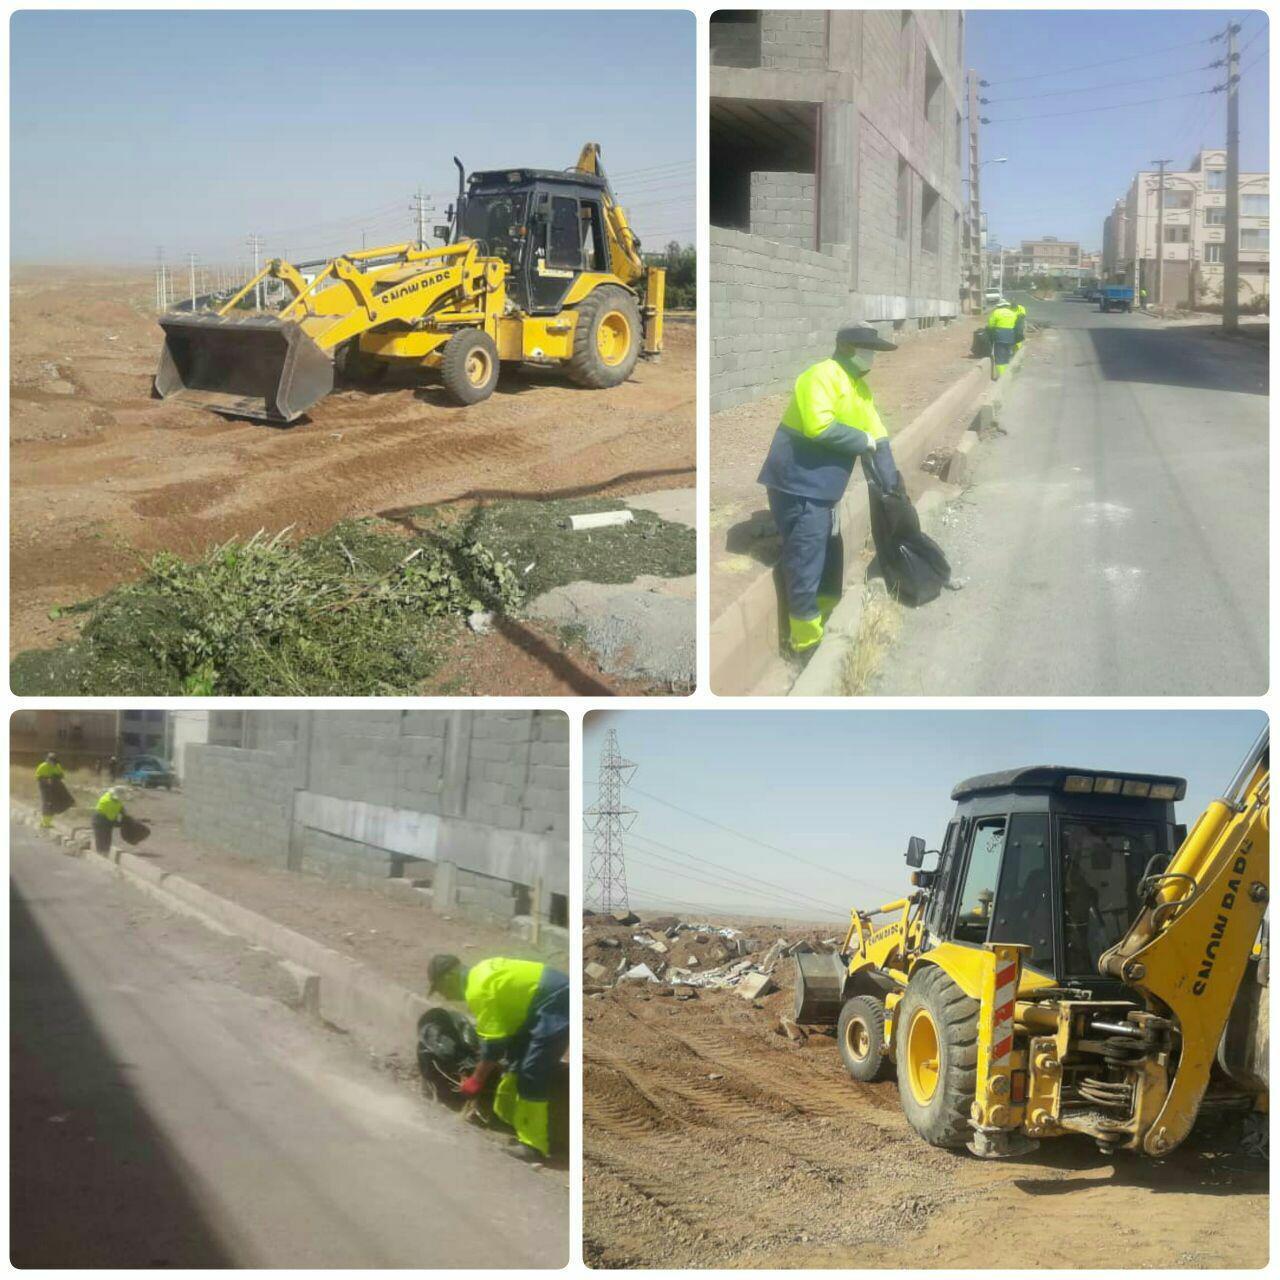 اجرای طرح پاکسازی و تنظیف محله به محله در شهر پرند